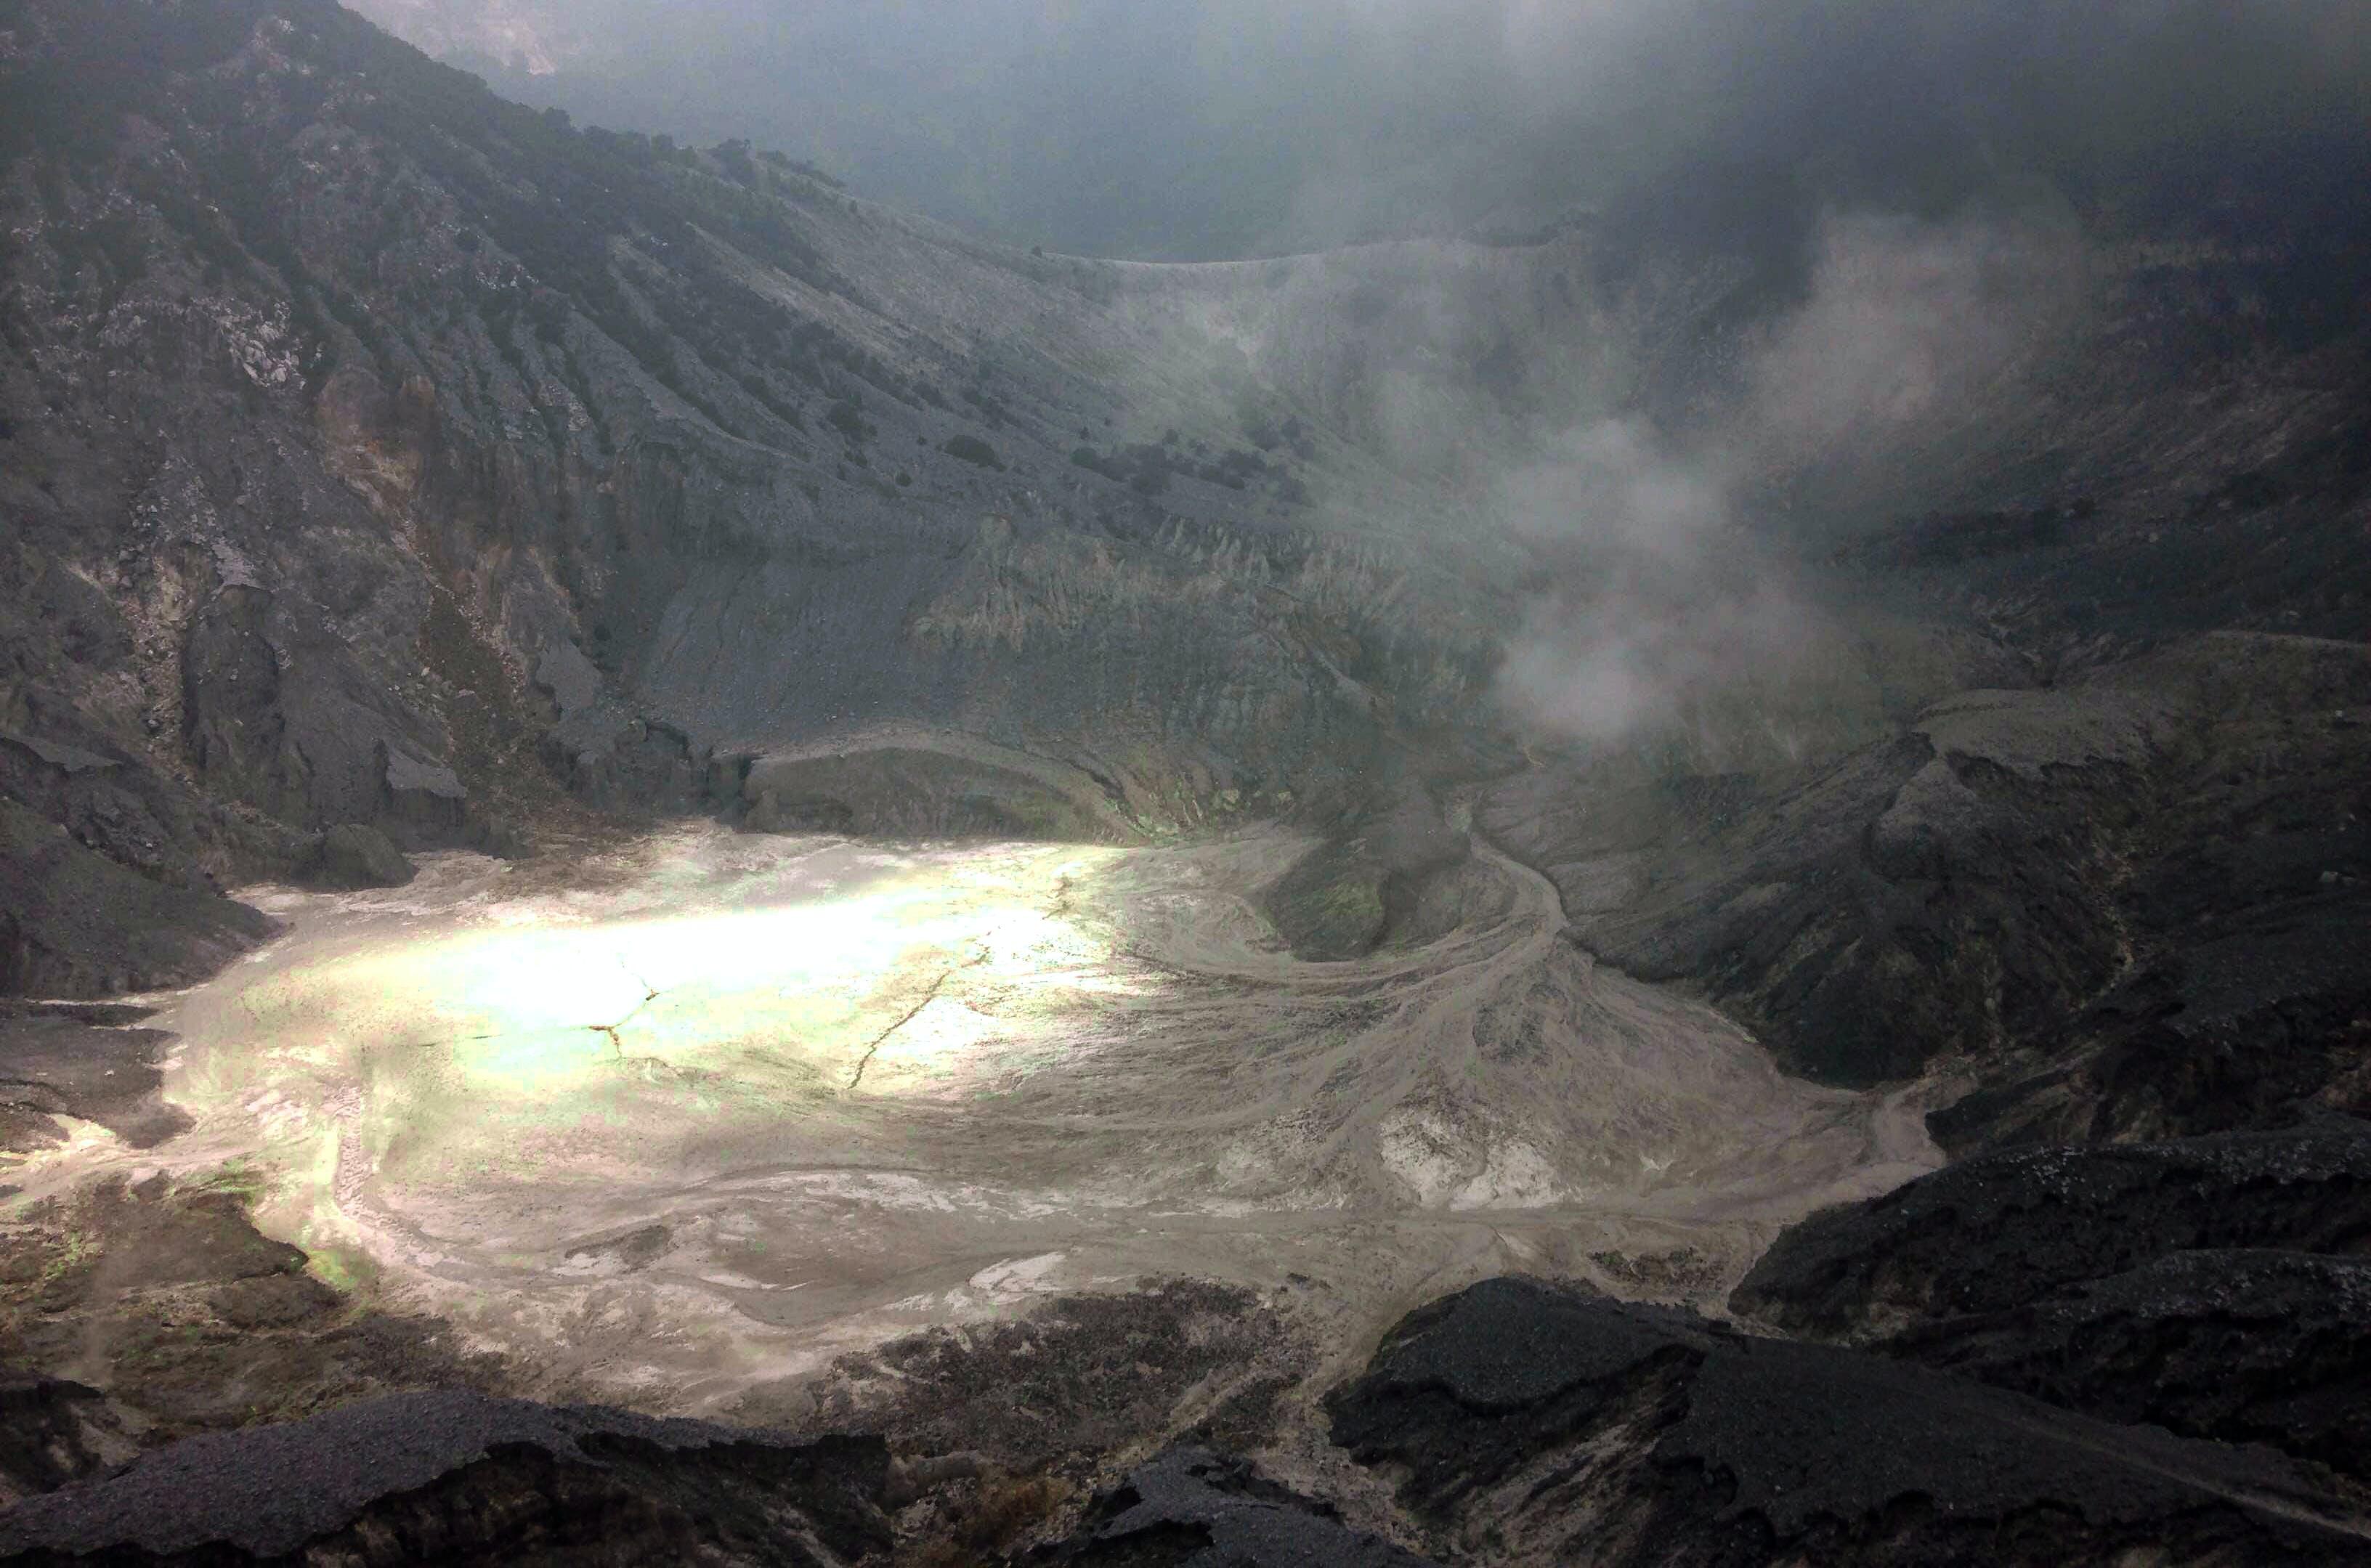 Δωρεάν στοκ φωτογραφιών με Crater Lake, crater λίμνη εθνικό πάρκο, κρατήρας